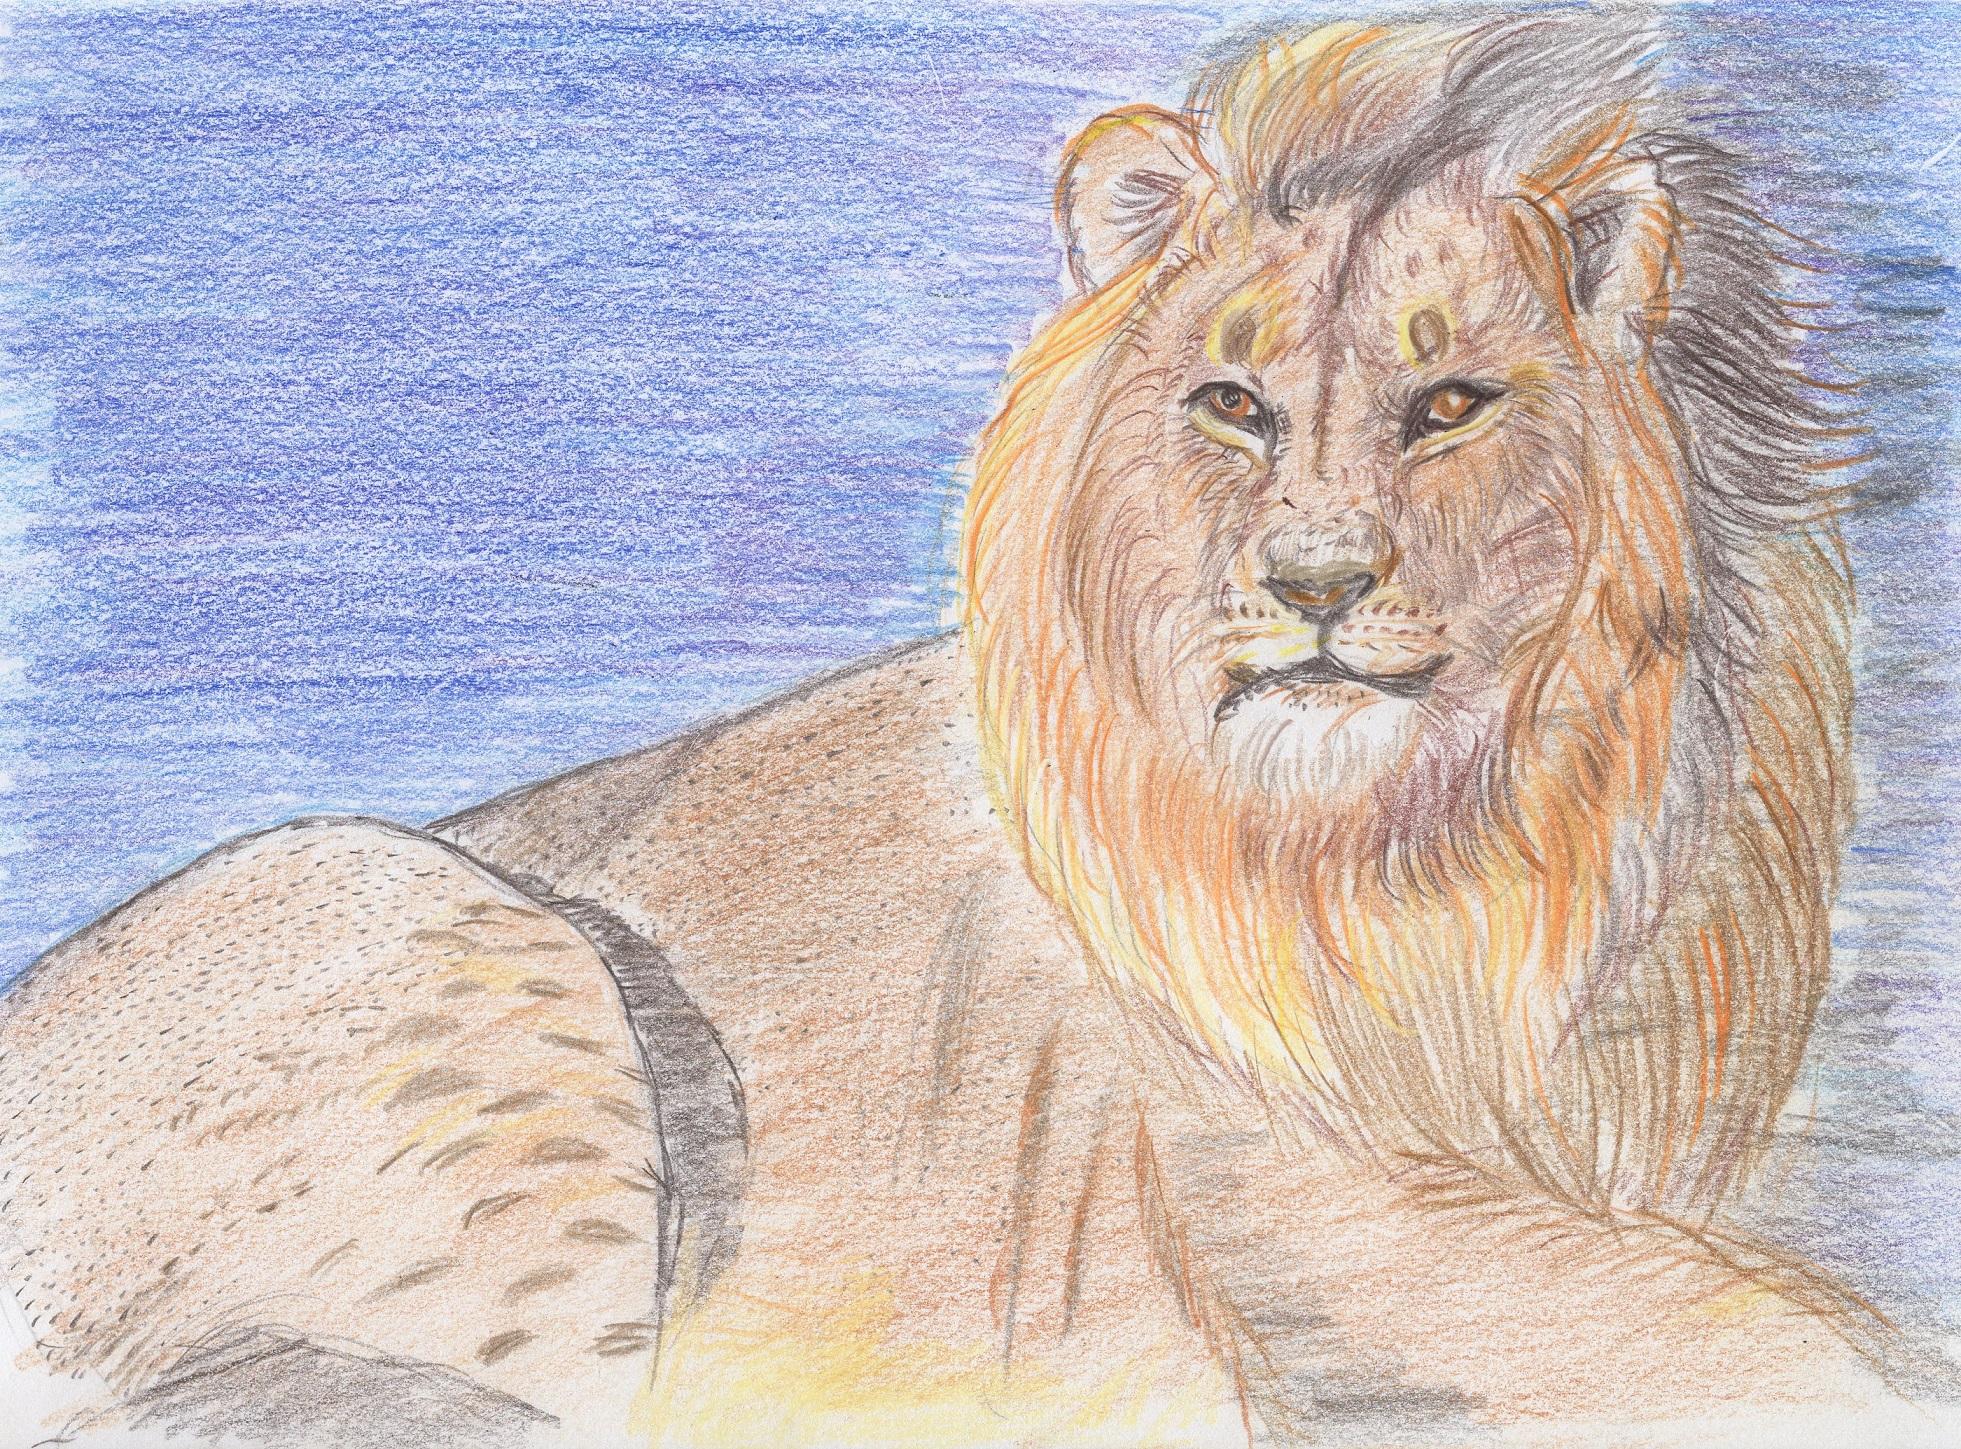 ルバング島のライオン